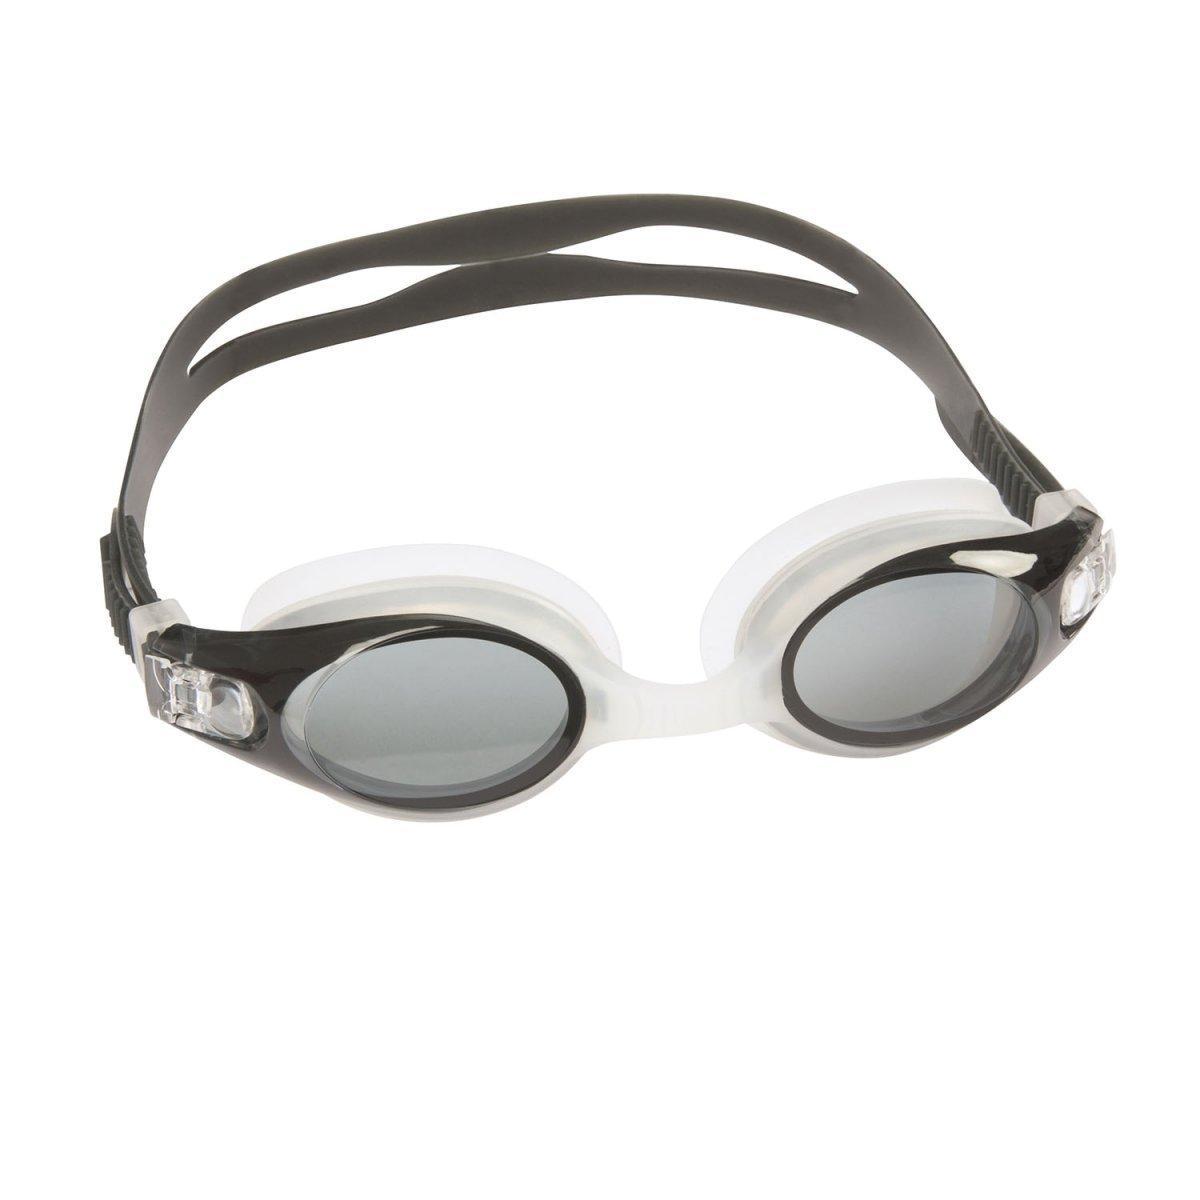 Очки для плавания Bestway 21055, размер XL, (10+), обхват головы ≈ 56 см, черные